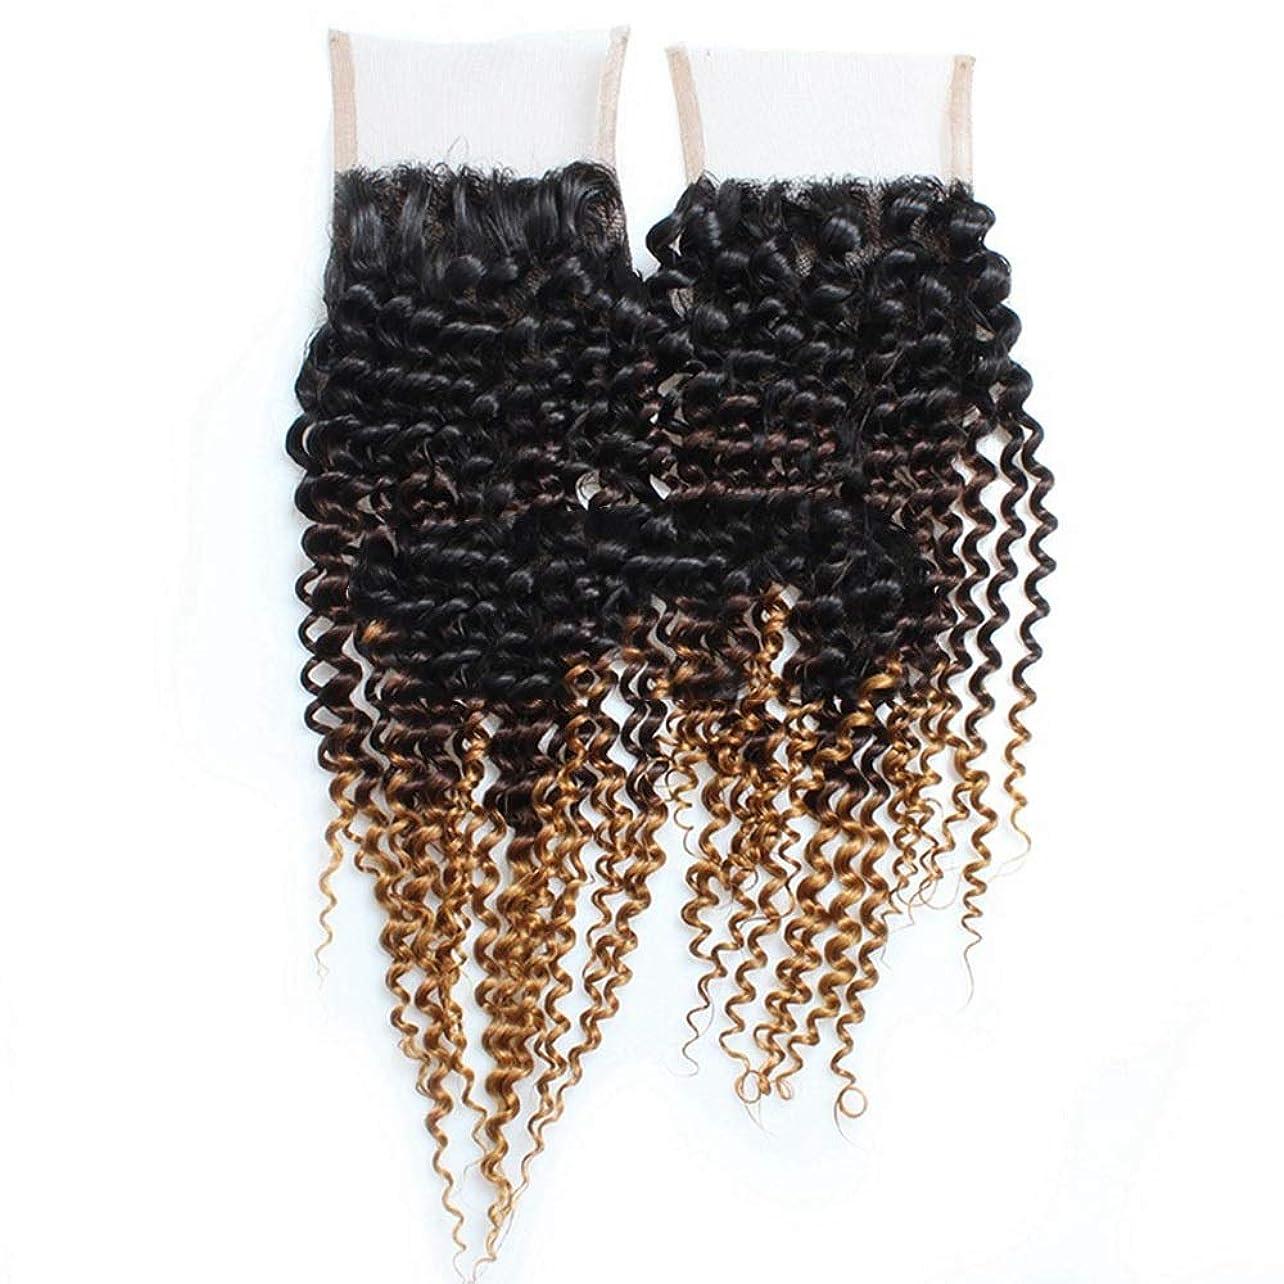 競争力のある期待する吸収するBOBIDYEE 4×4レース前頭閉鎖黒からブロンドの3トーンカラー9A人間の髪の毛自然に見える合成髪レースかつらロールプレイングかつら長くて短い女性自然 (色 : ブラウン, サイズ : 16 inch)